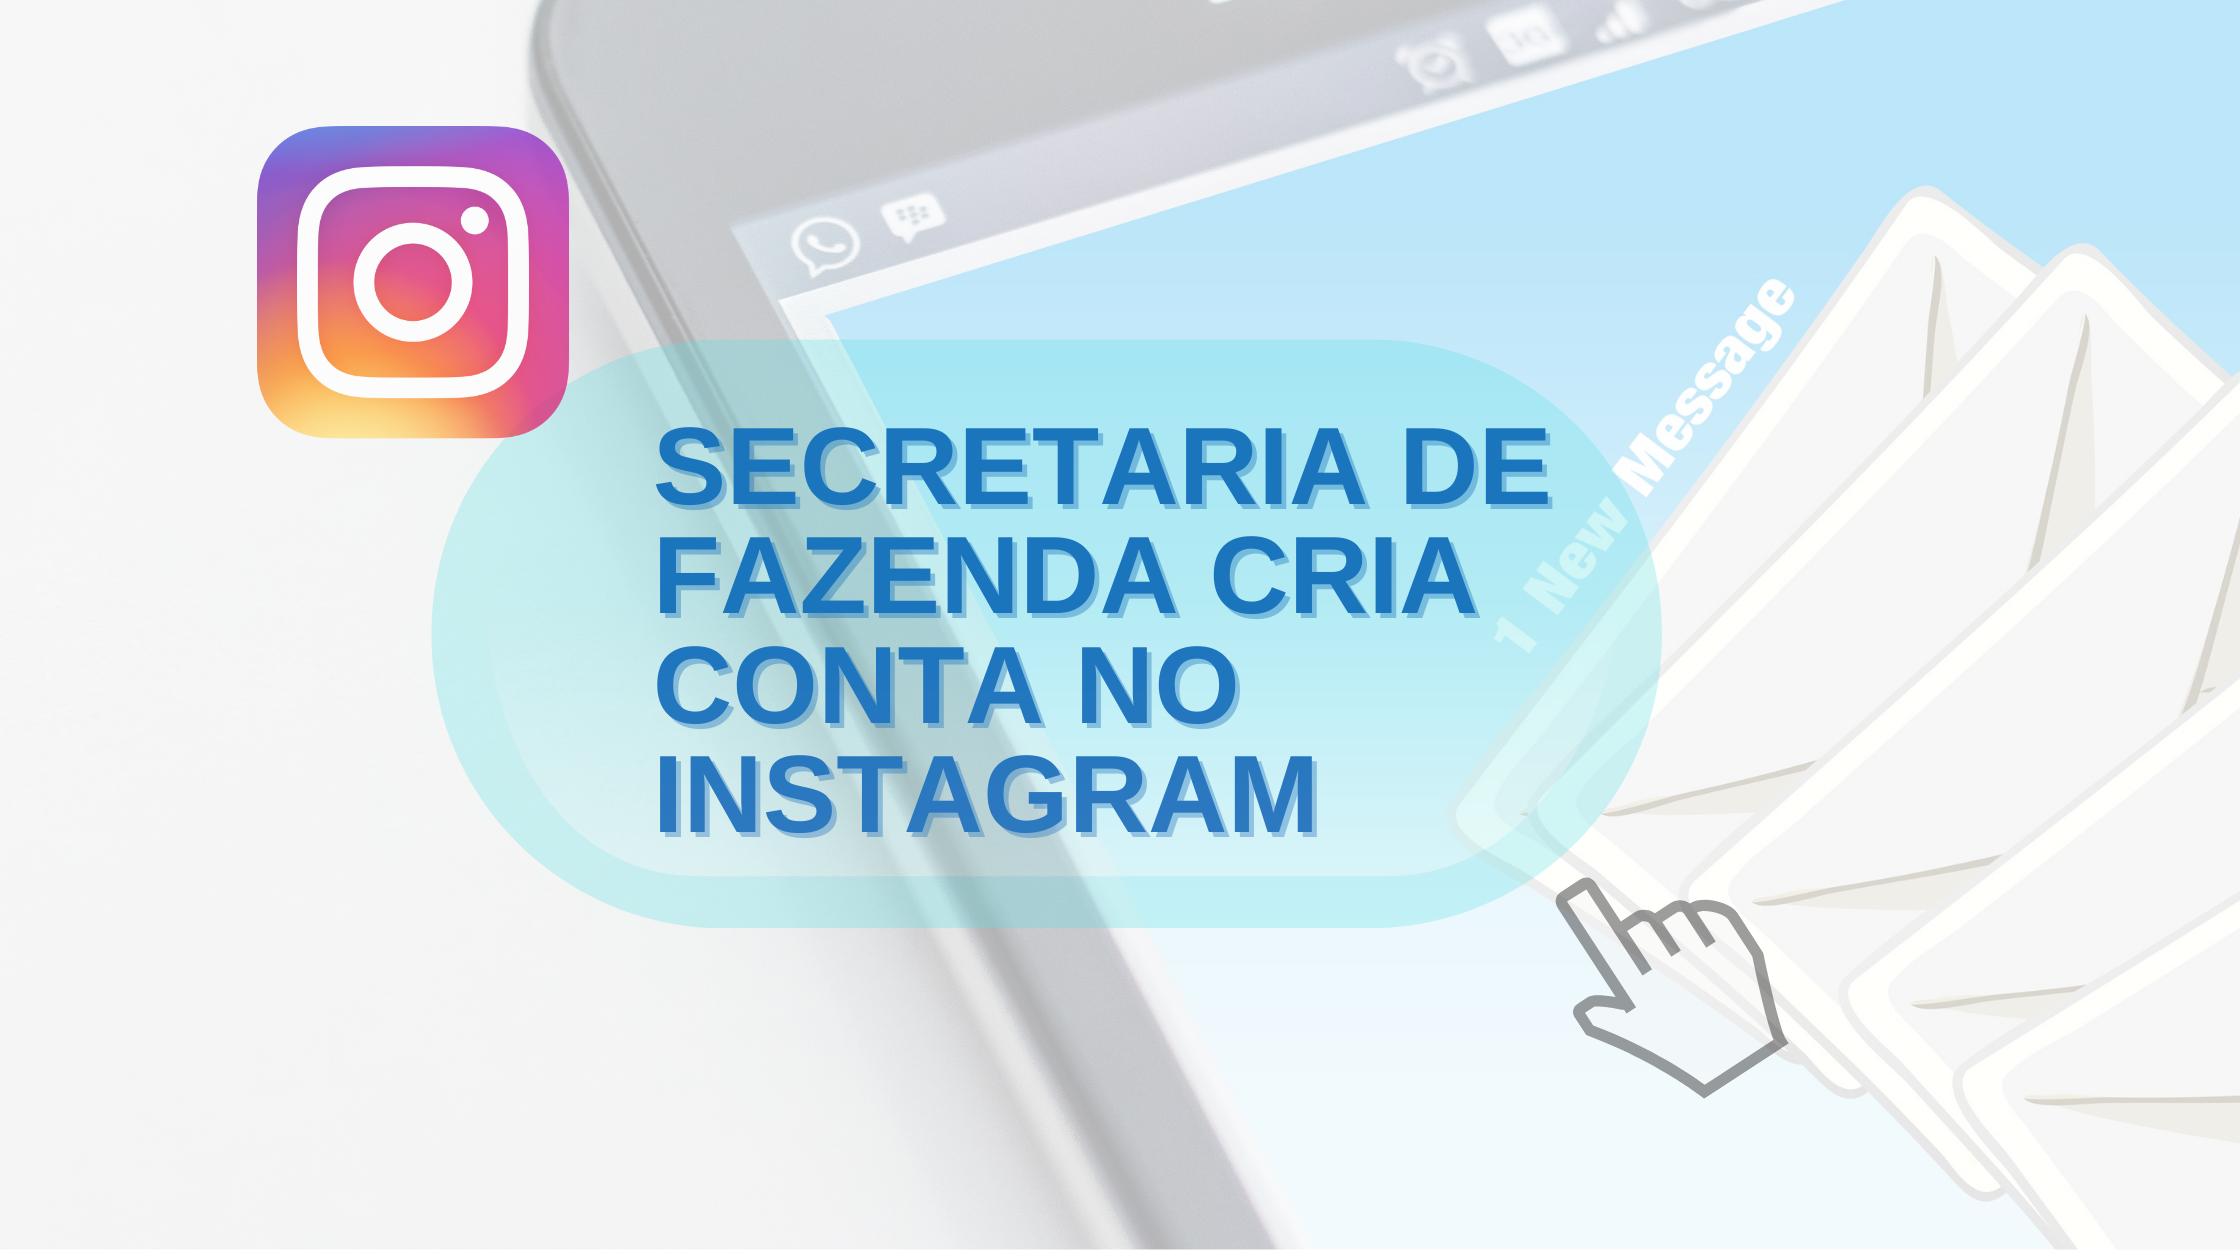 Secretaria de Fazenda cria conta no Instagram e garante mais um canal de comunicação com os contribuintes mineiros